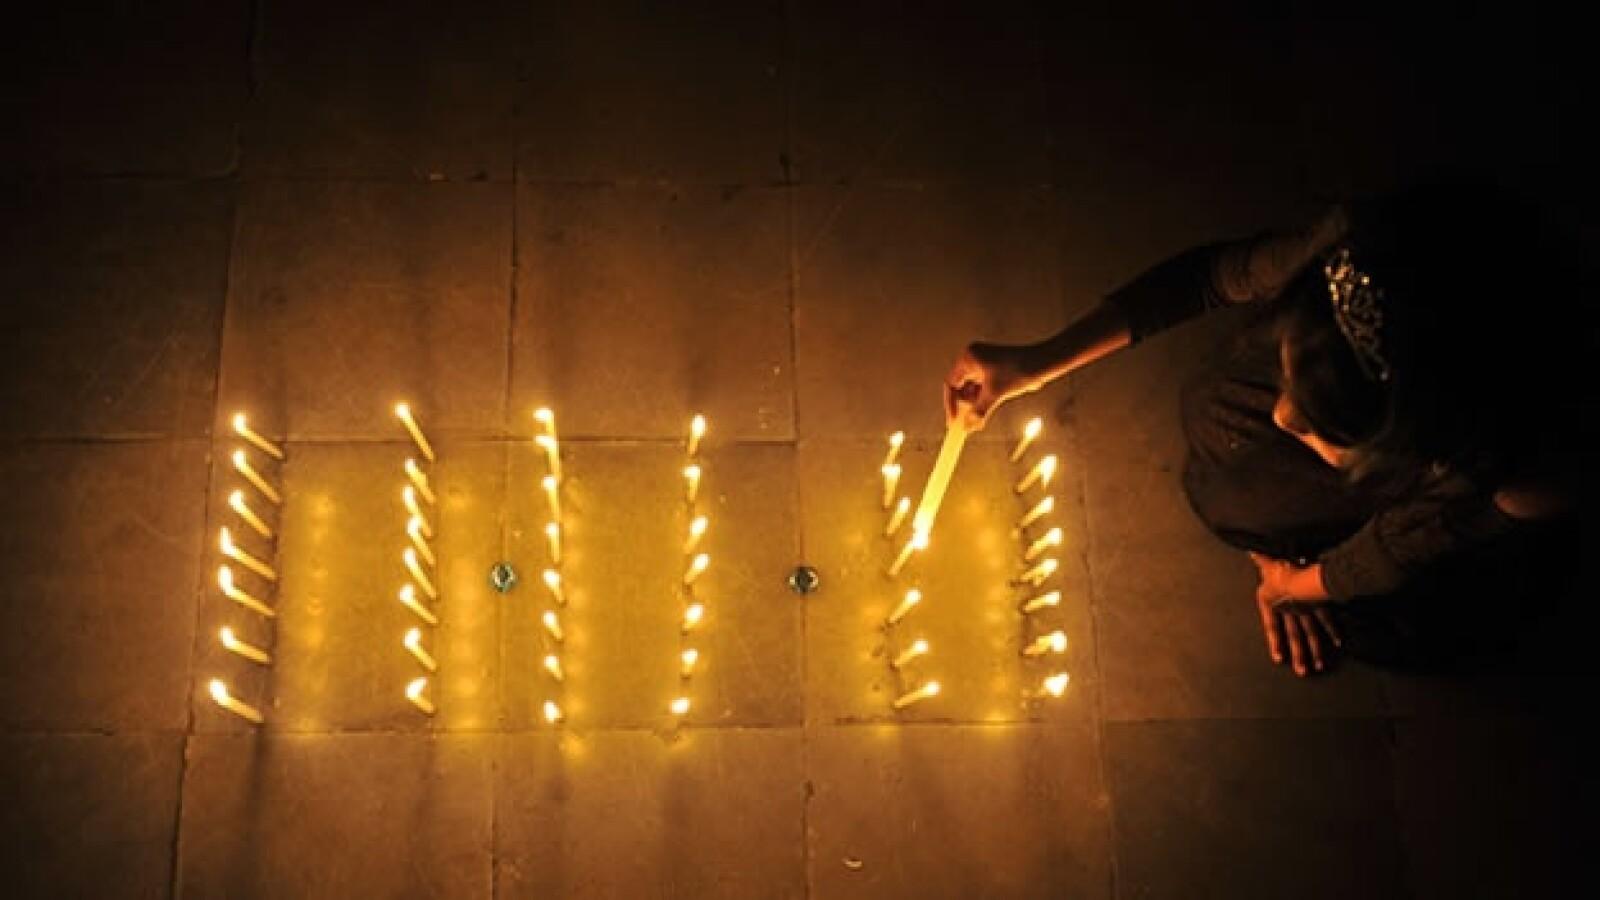 dia celebracion 11.11.11 velas